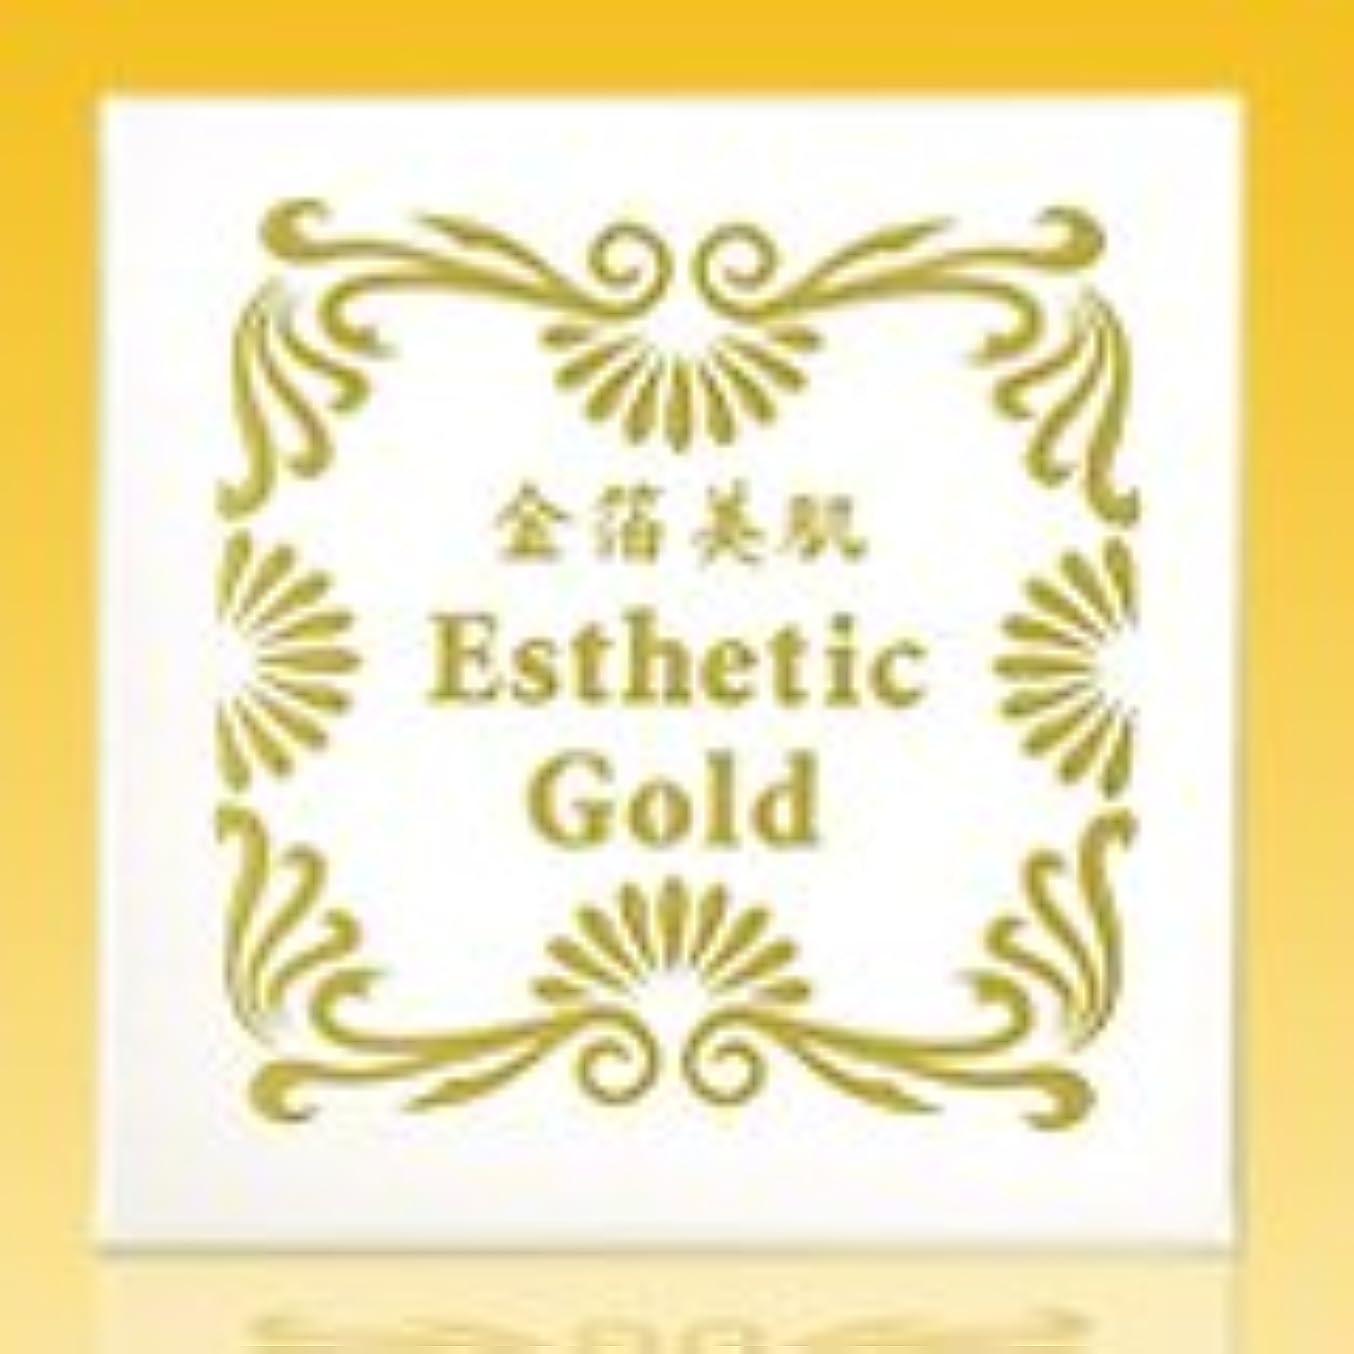 東部からみなす【金箔 美肌】エステティック ゴールド-華1/4size100枚【日本製】